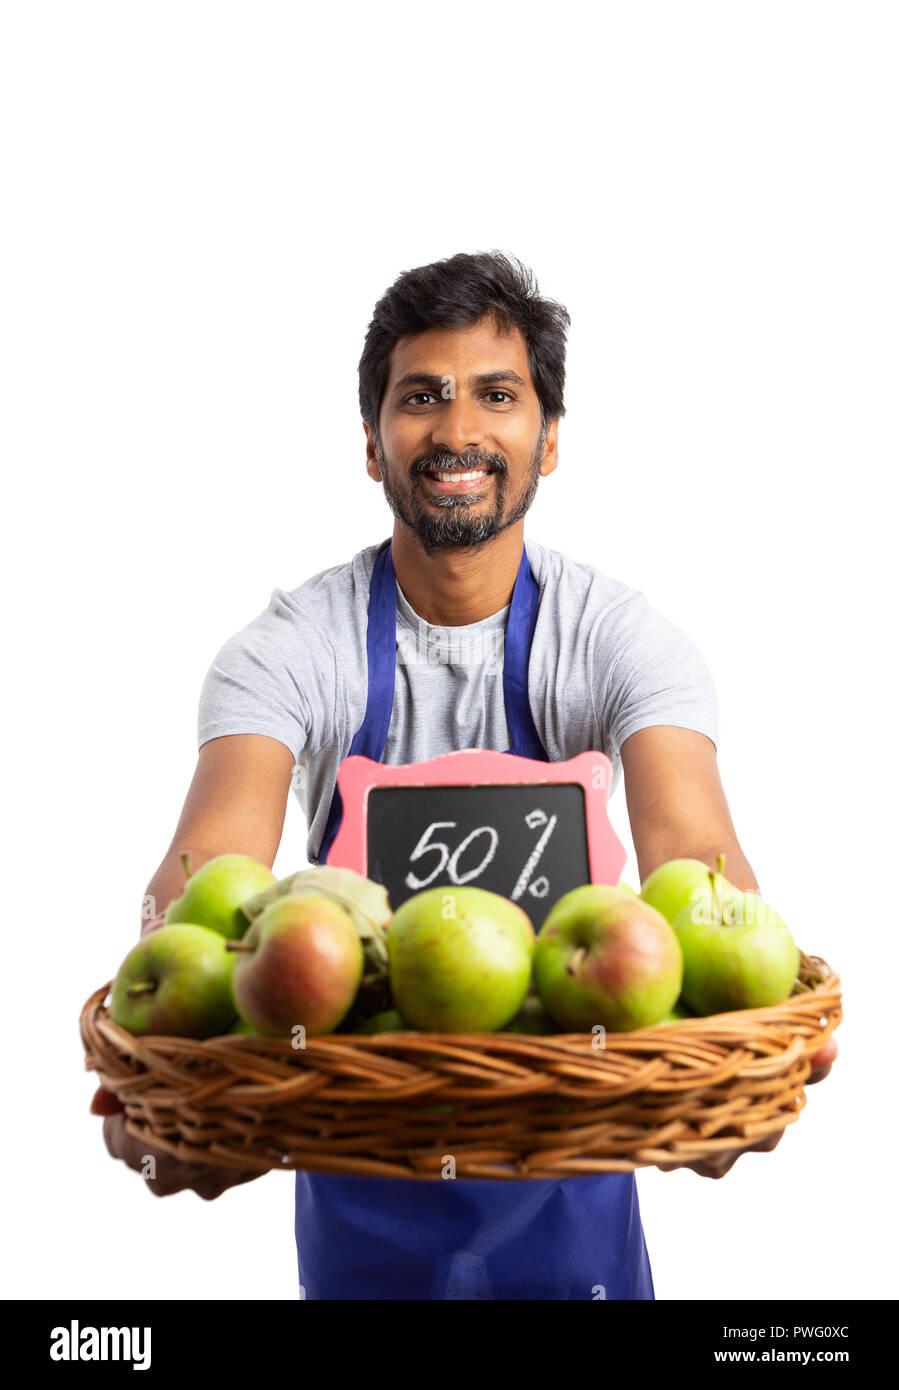 Supermarché indien smiling holding employé Apple organiques panier avec cinquante pour cent de réduction signe en tant que concept frais et sains isolated on white Photo Stock